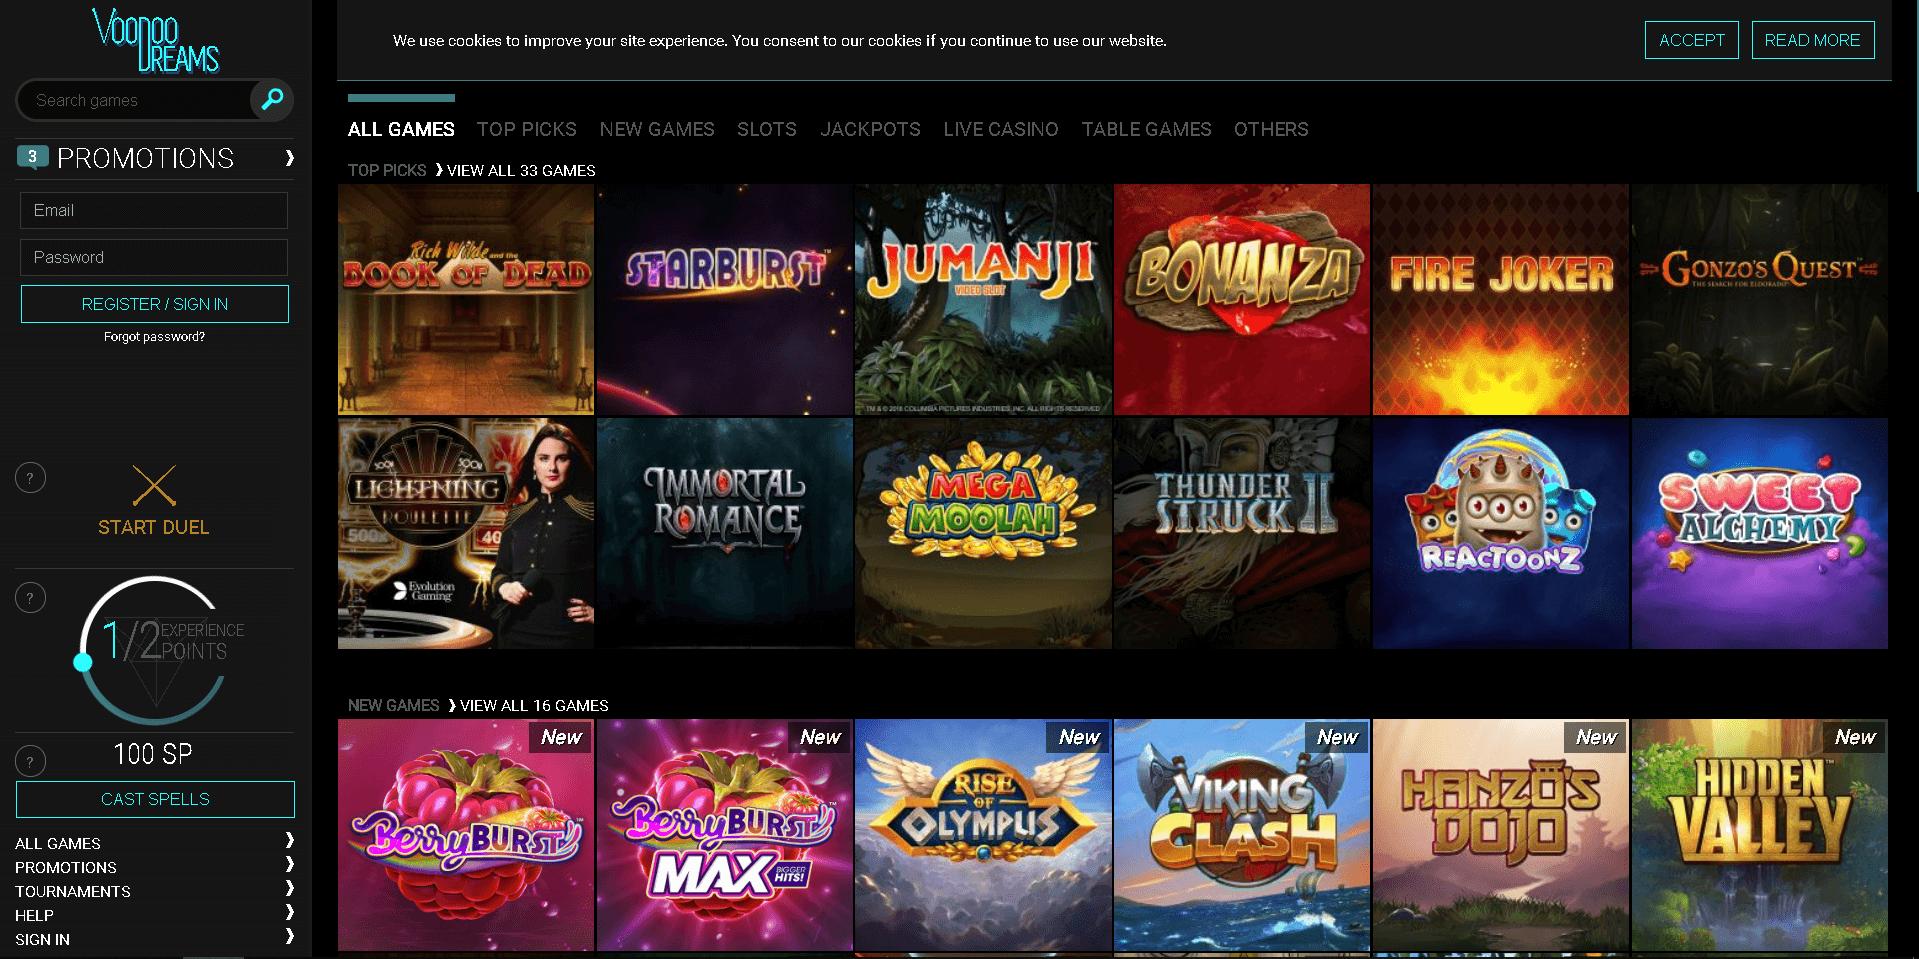 voodoo dreams casino slots